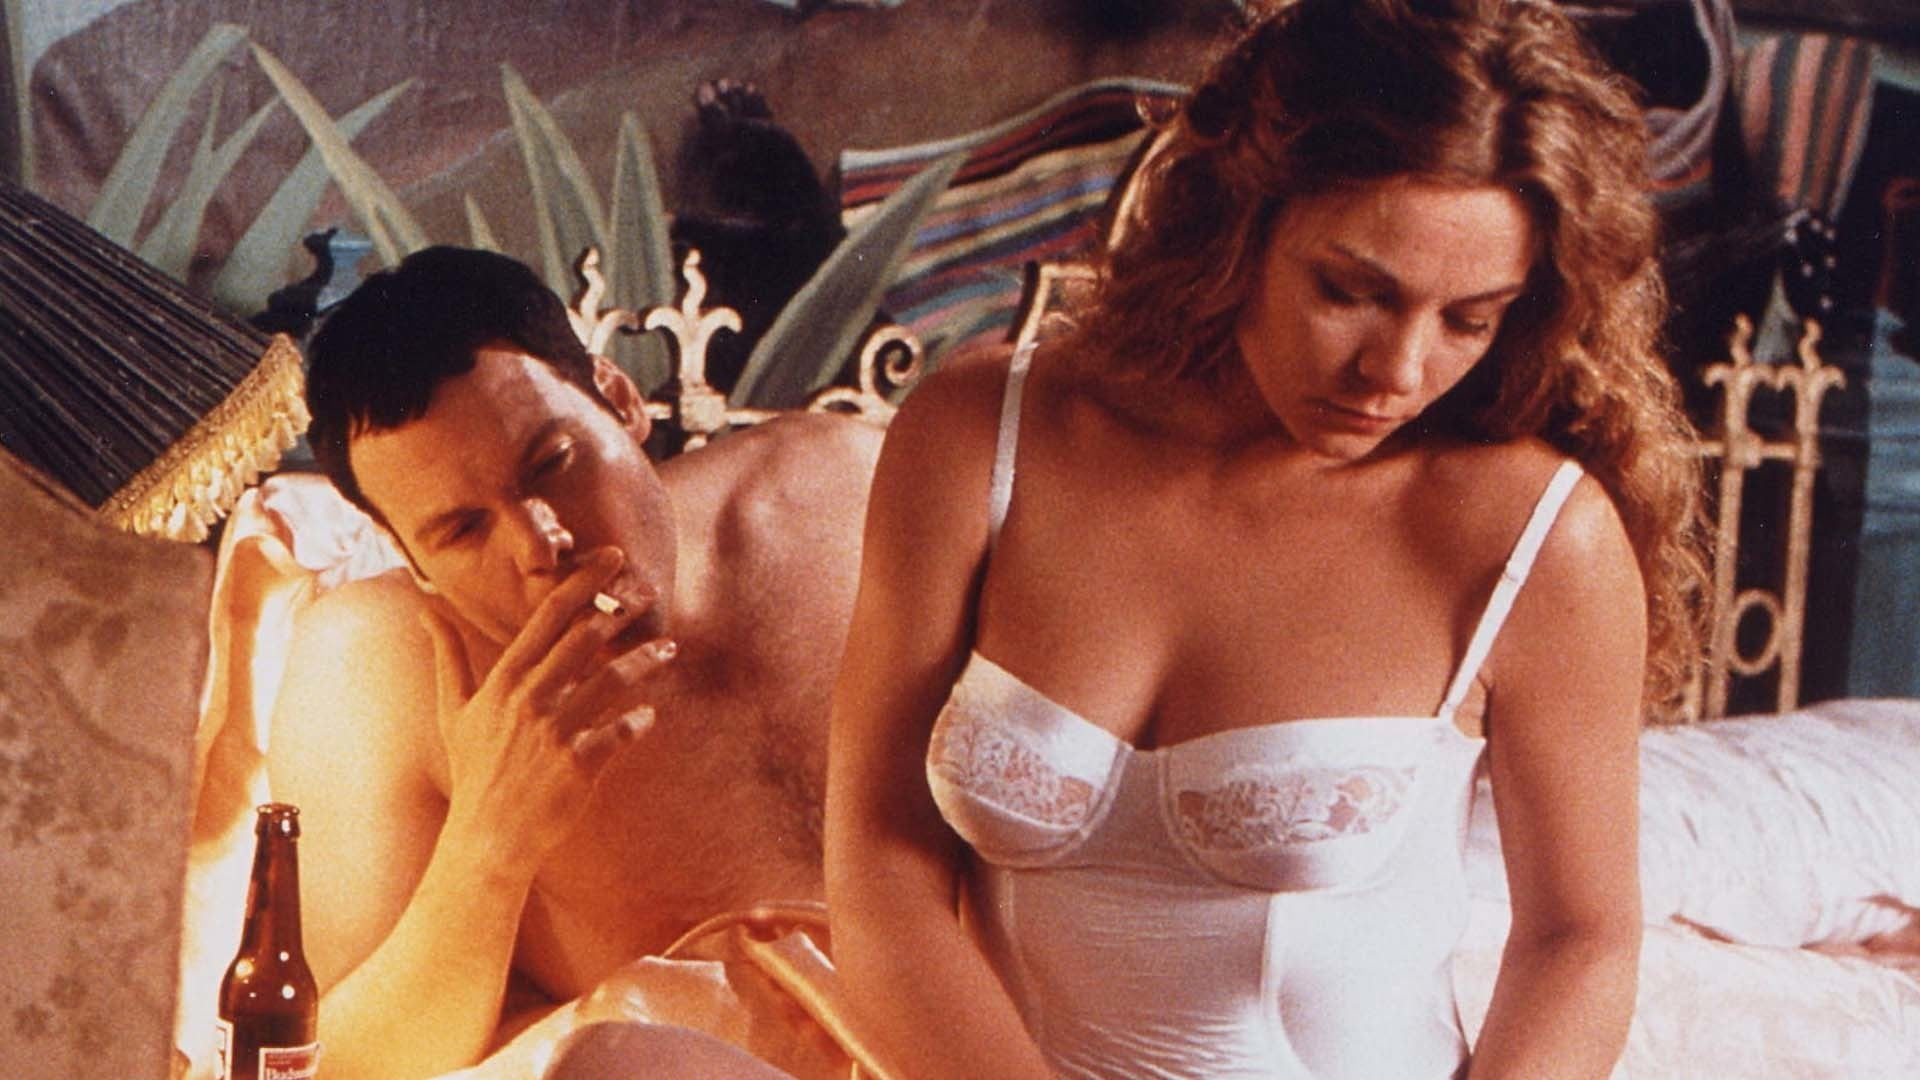 Американская эротика фильмы про свадьбу, они глотают кончу